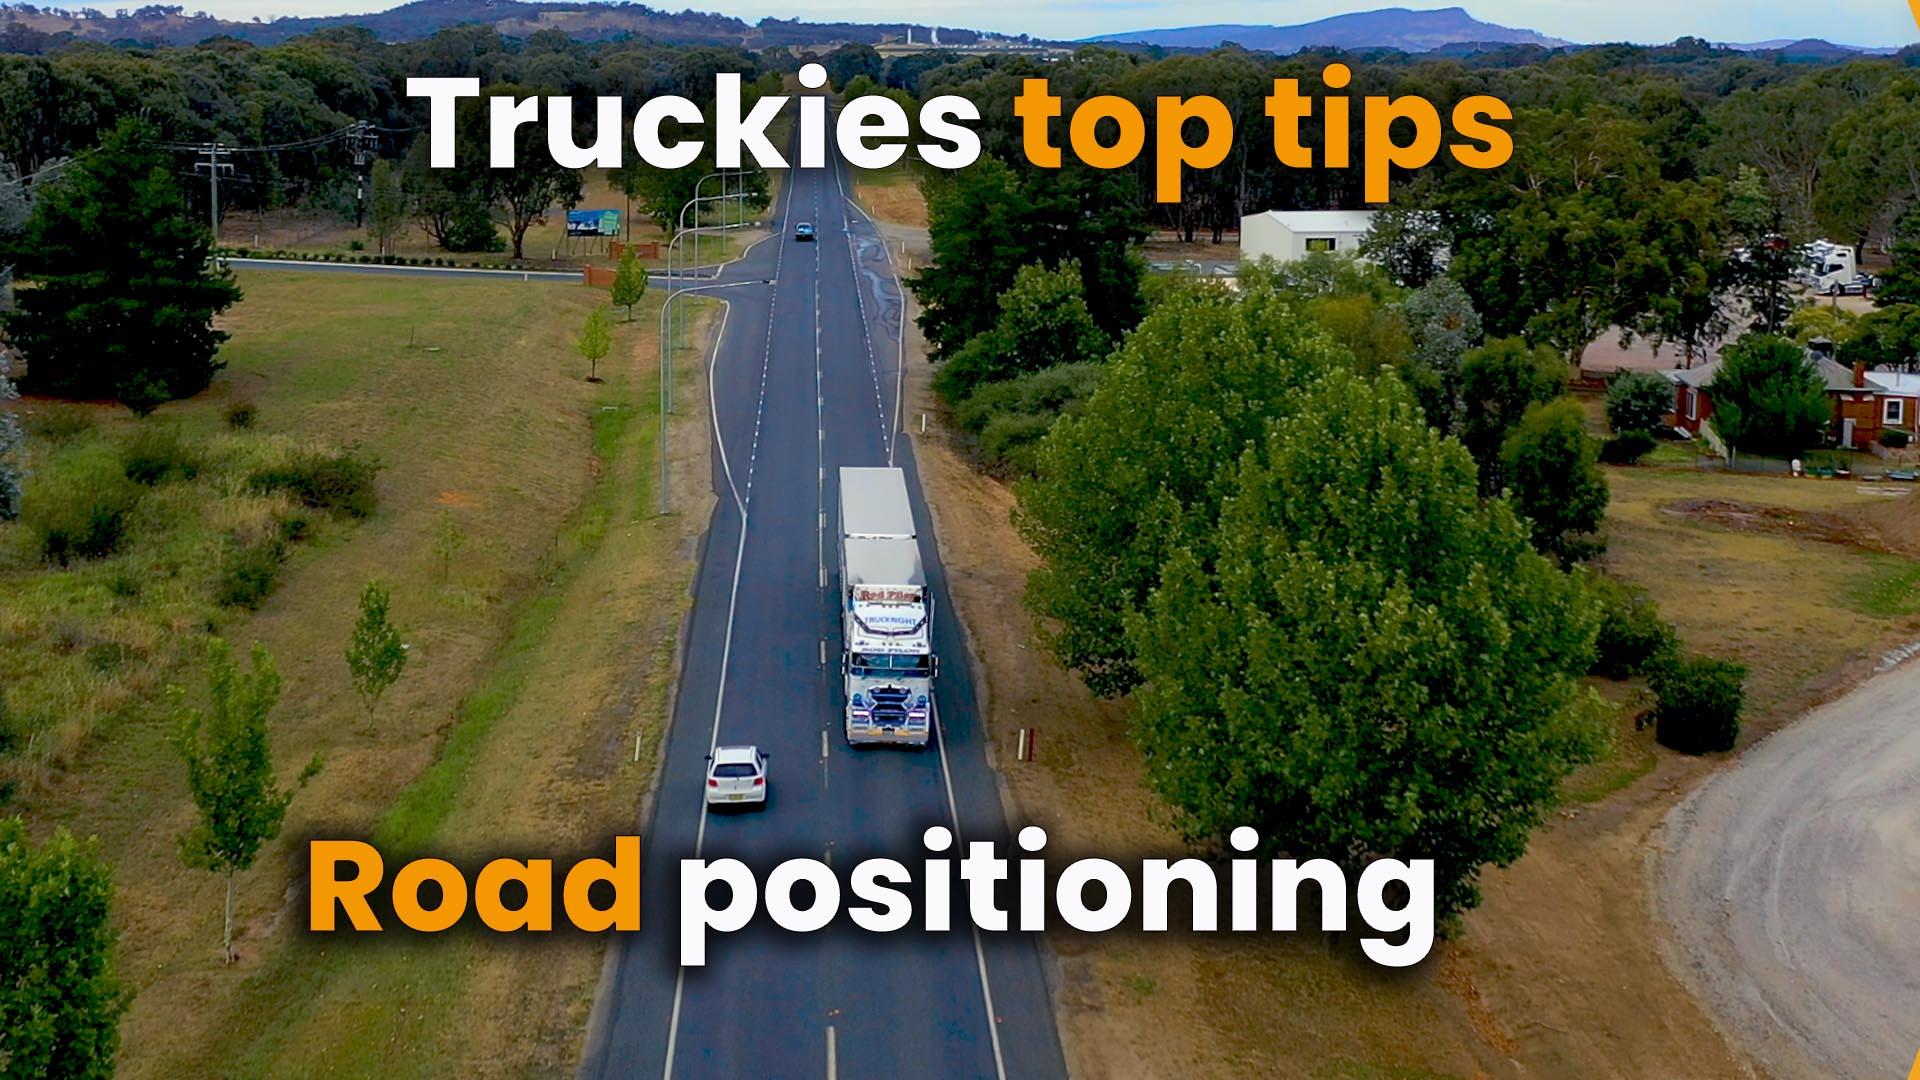 Truckies Tip # 6